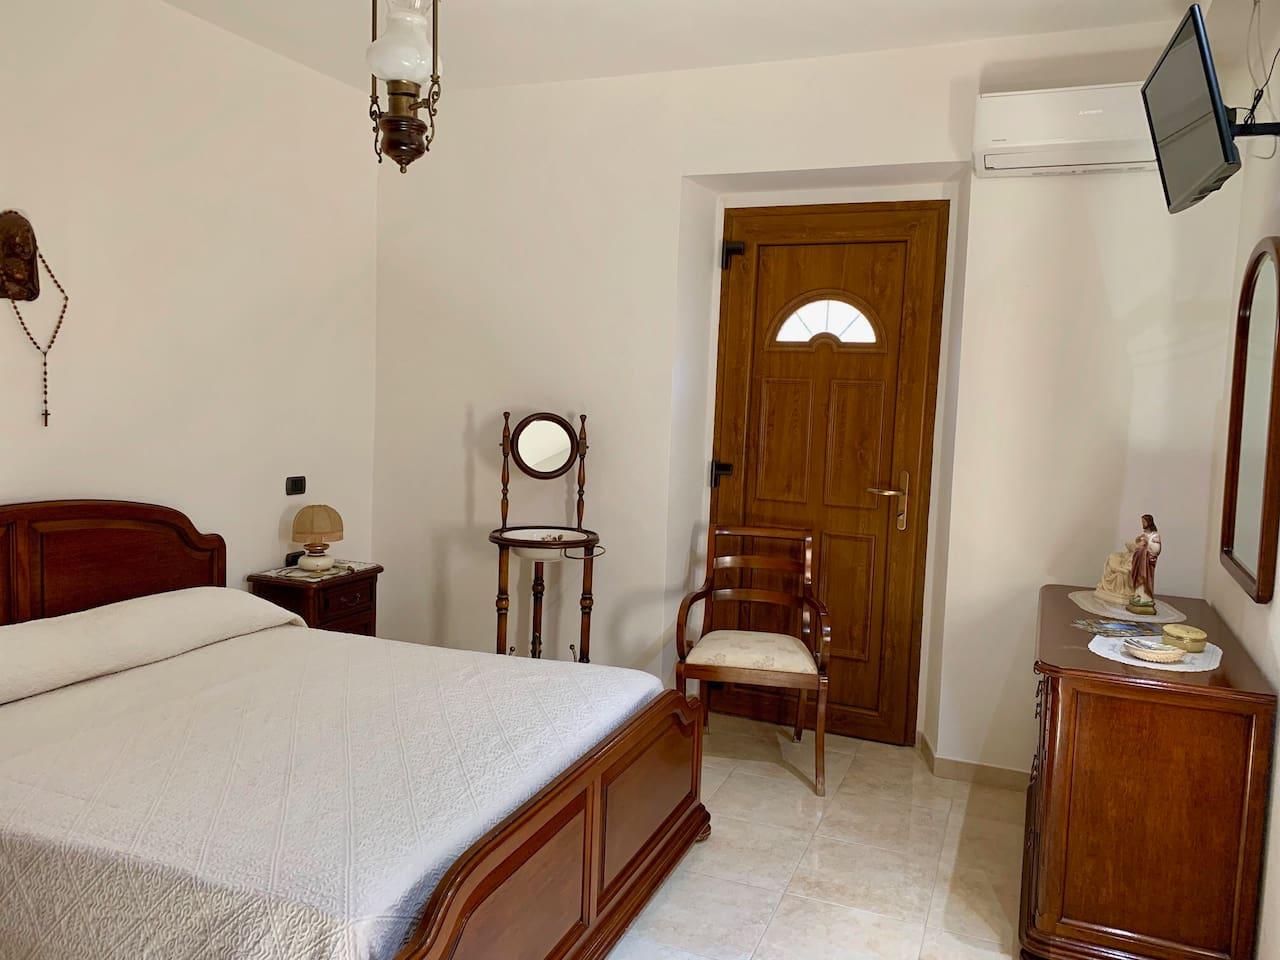 Camera con letto matrimoniale, armadio, tv e aria condizionata